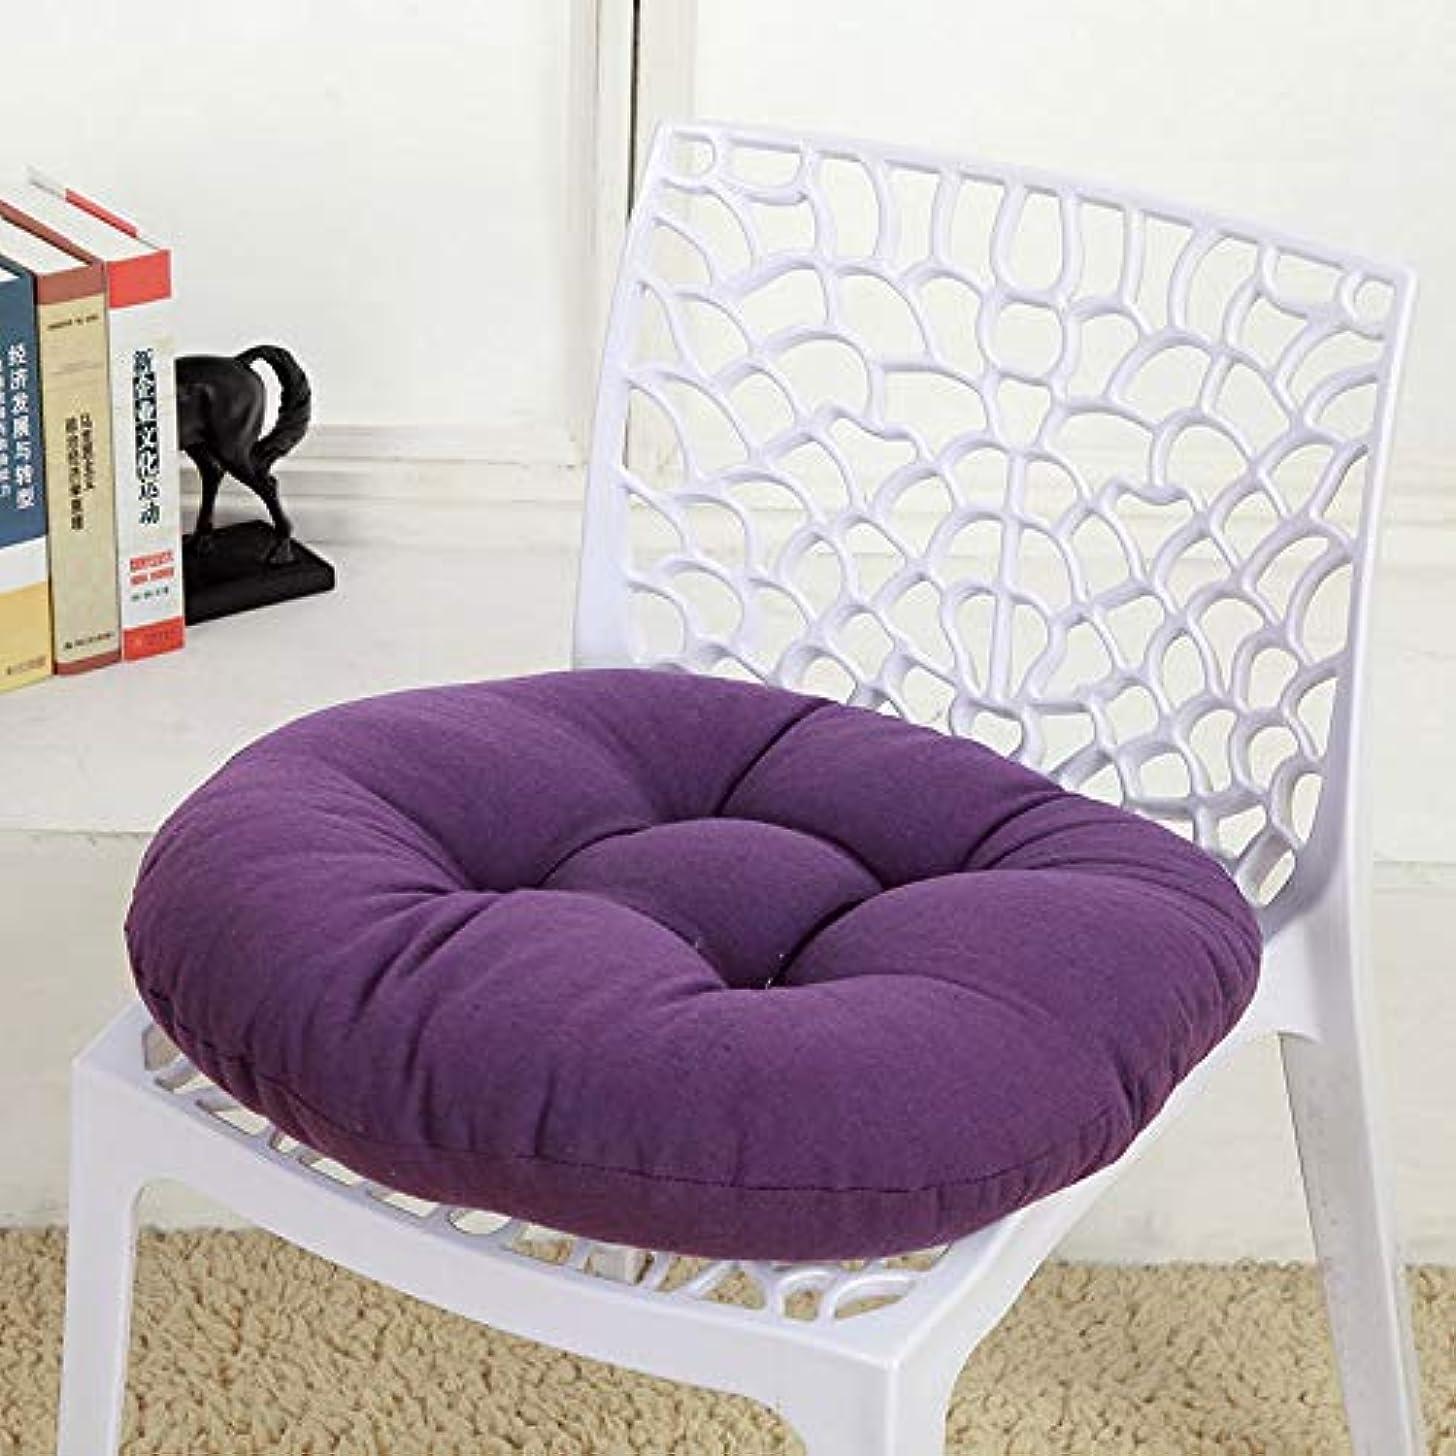 短命ランタンインスタンスLIFE キャンディカラーのクッションラウンドシートクッション波ウィンドウシートクッションクッション家の装飾パッドラウンド枕シート枕椅子座る枕 クッション 椅子